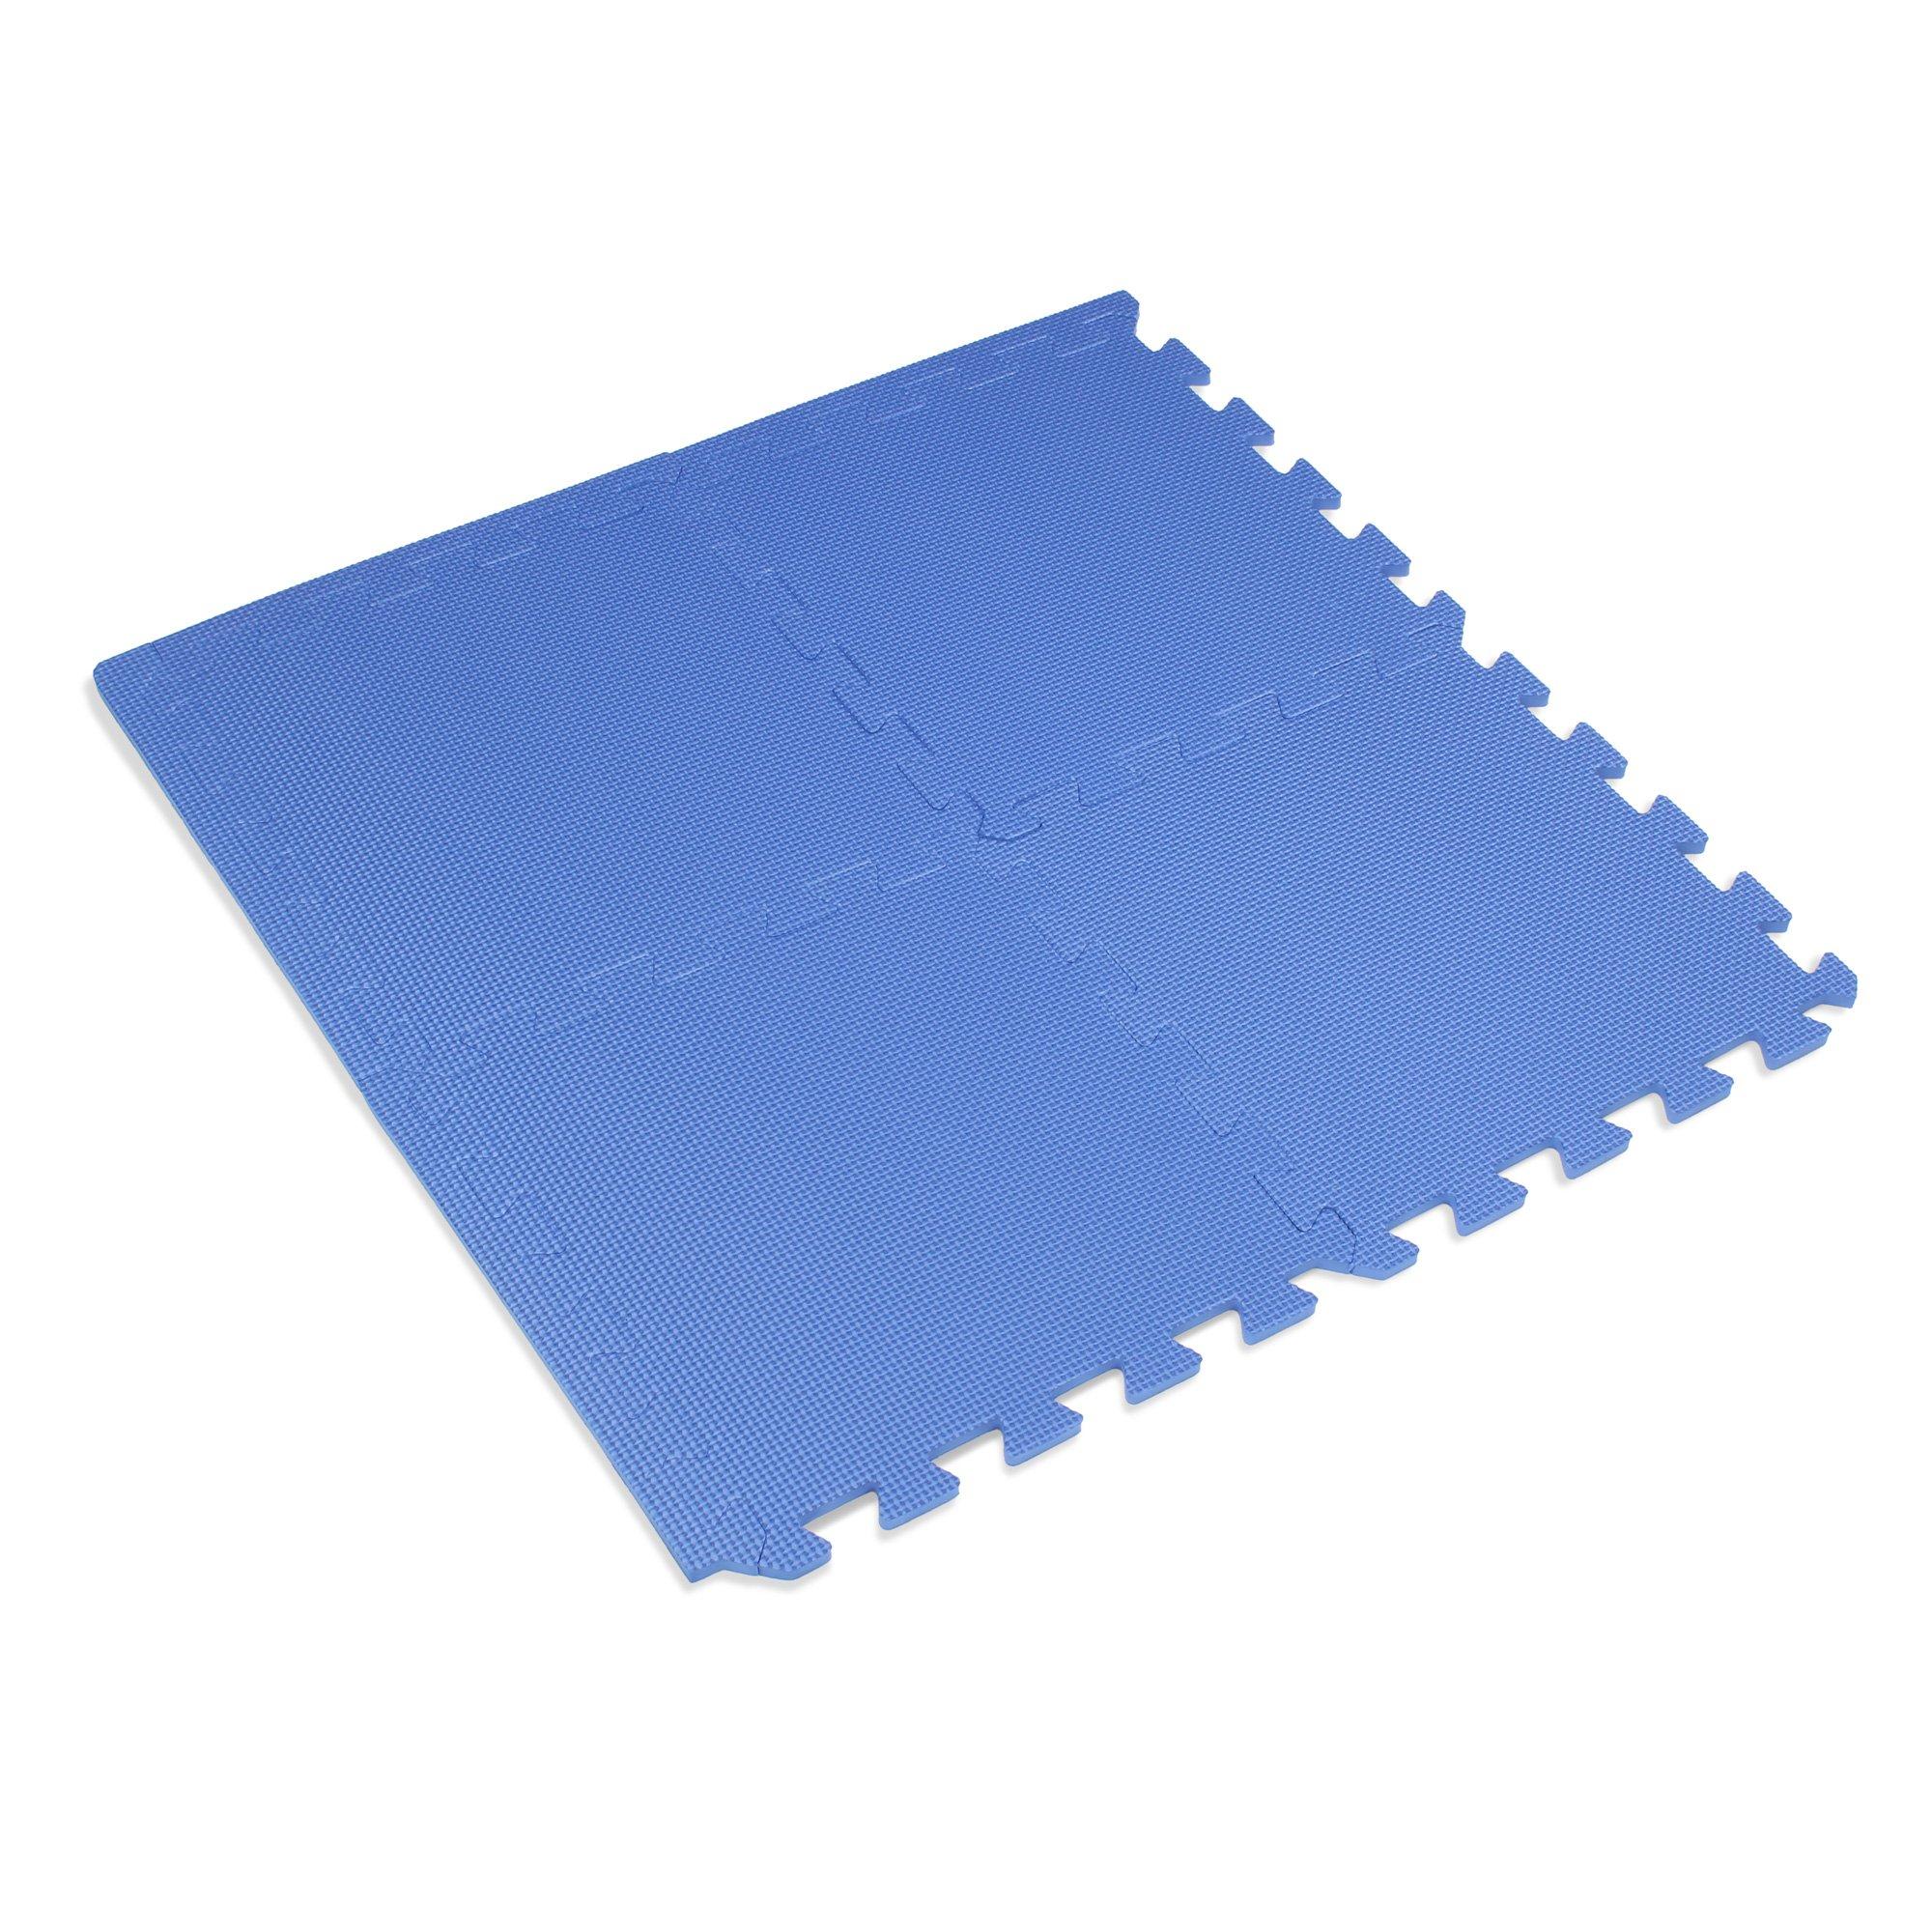 We Sell Mats 12'' x 12'' x 3/8 16 Sq Ft Blue Interlocking Foam Mat